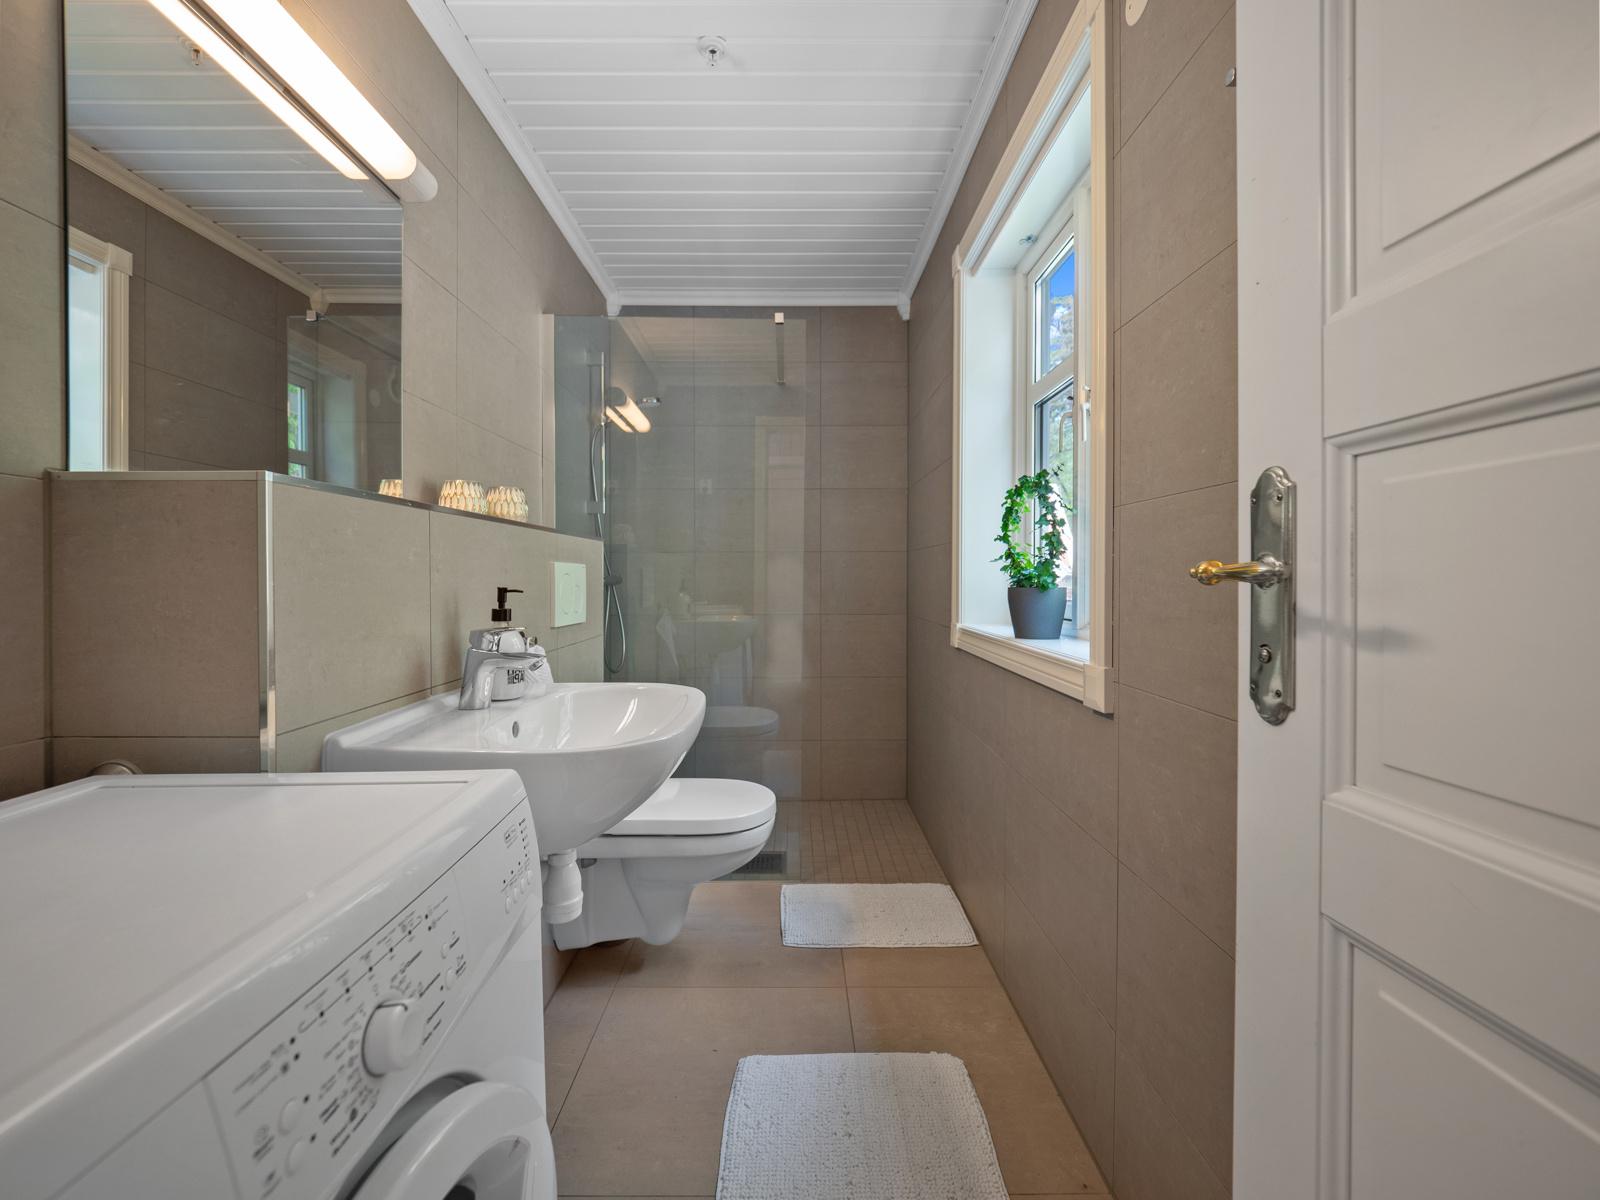 Badet i 1. etasje er oppgradert i 2020 og har vegghengt wc, servant, dusj og opplegg til vaskemaskin